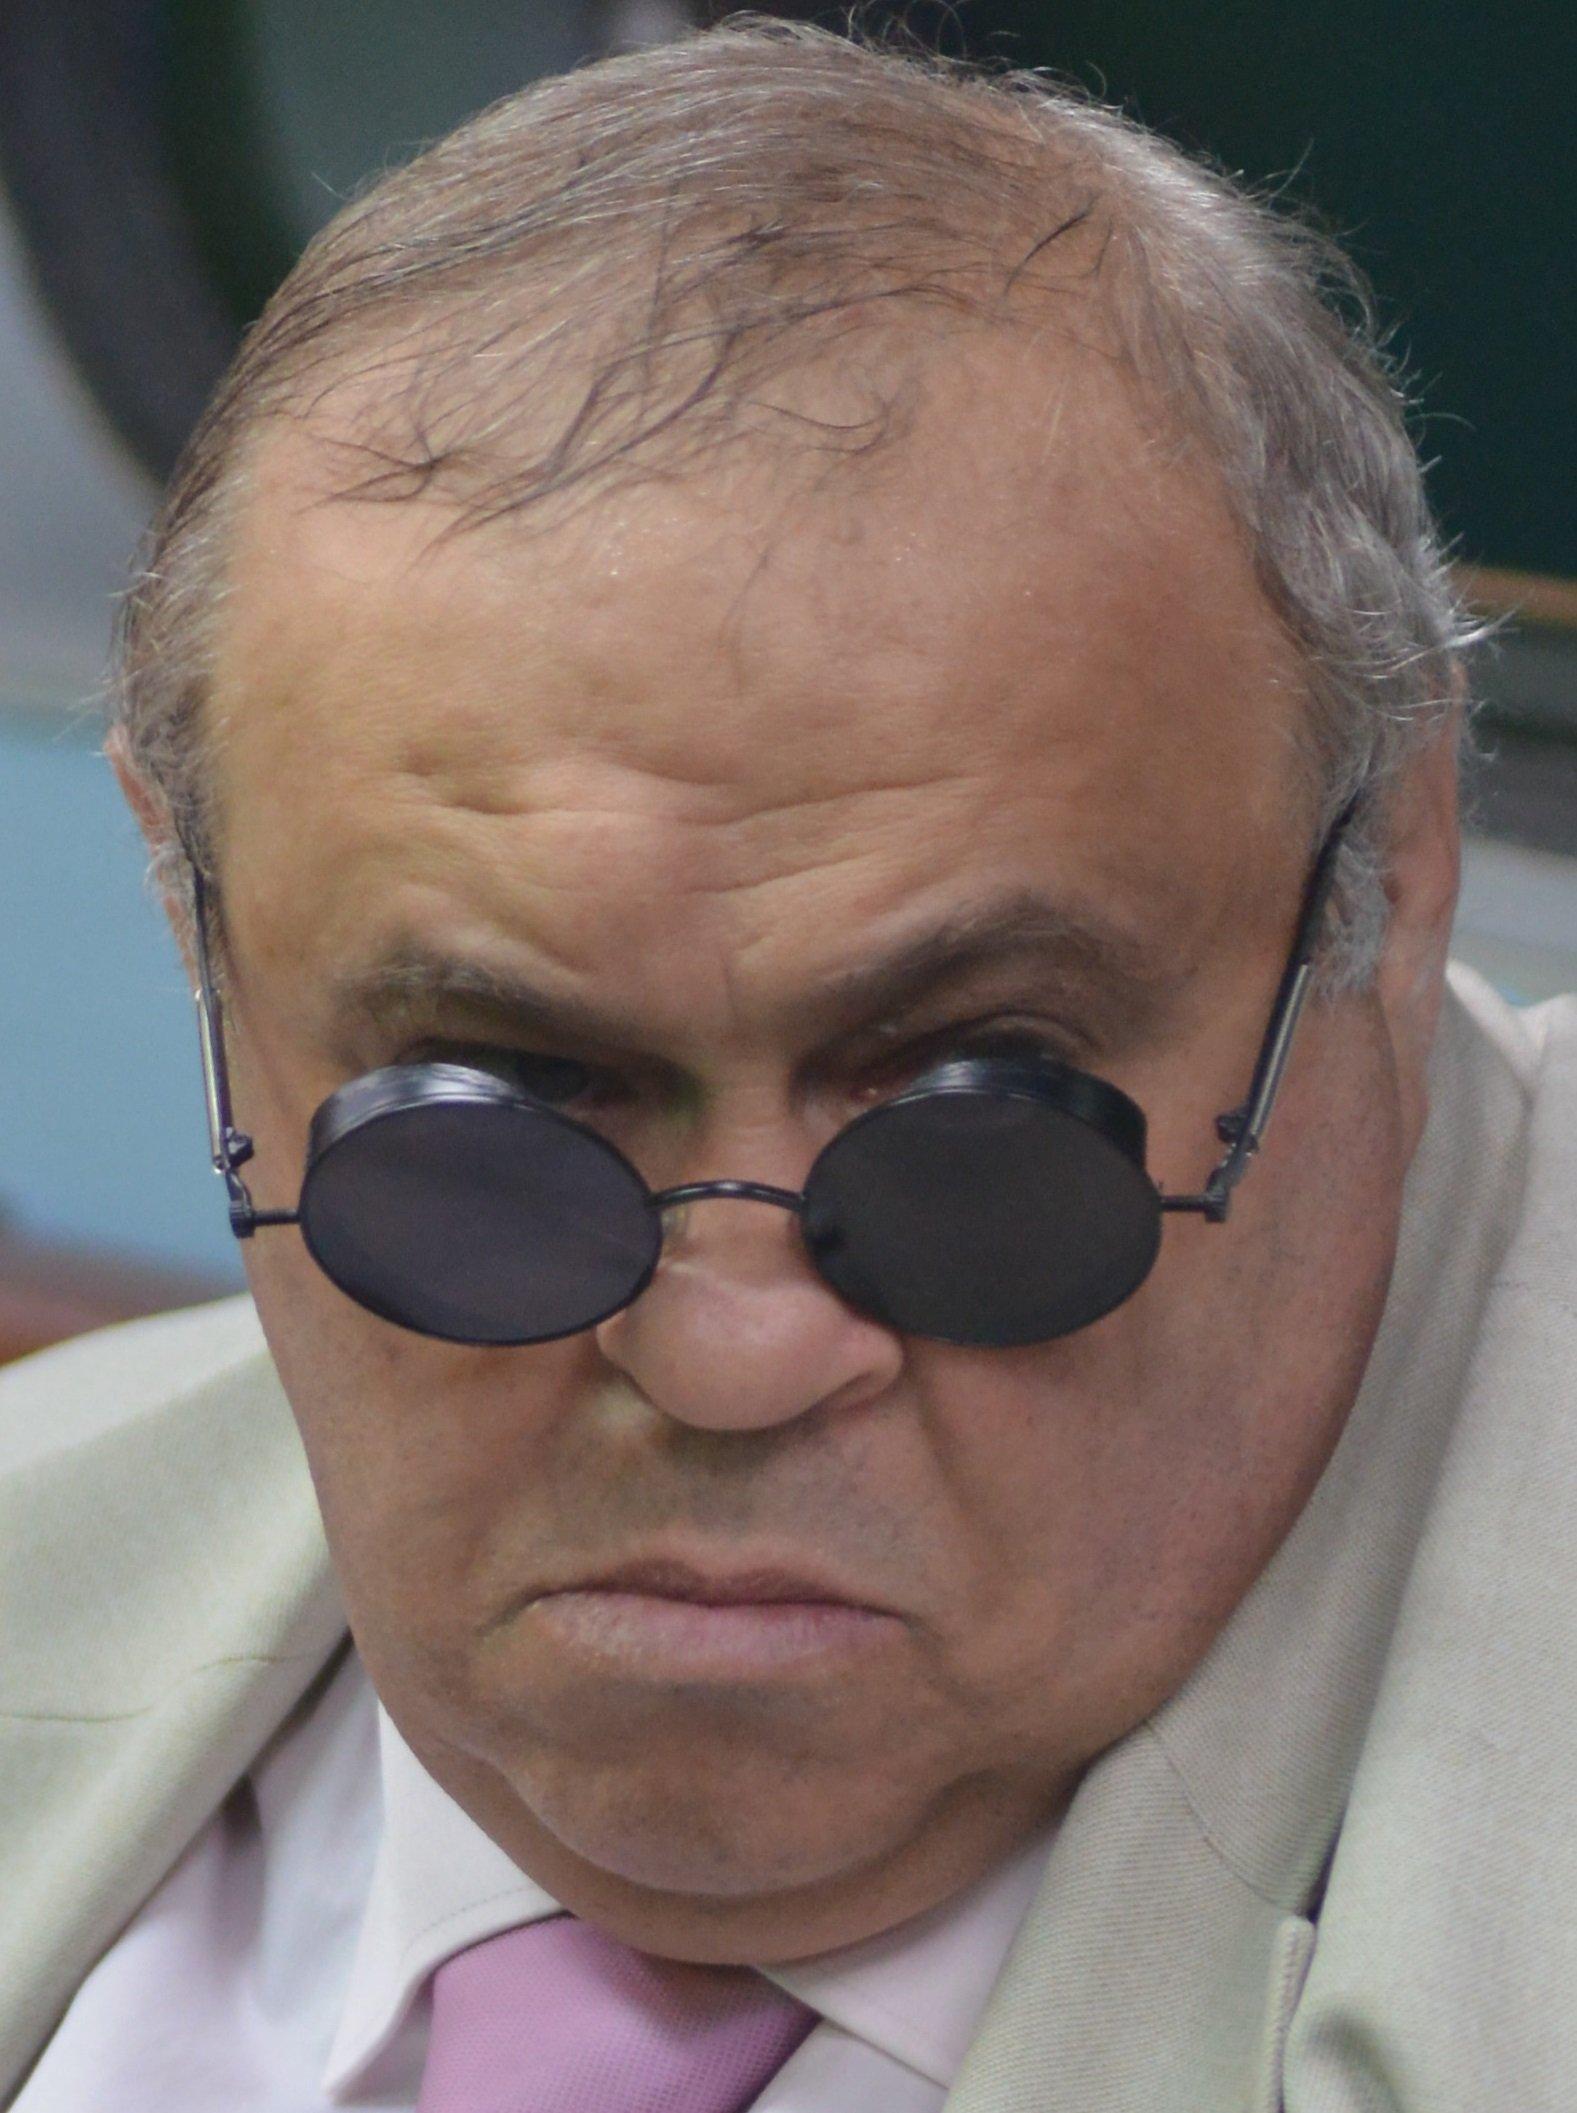 Jurij Vaxman